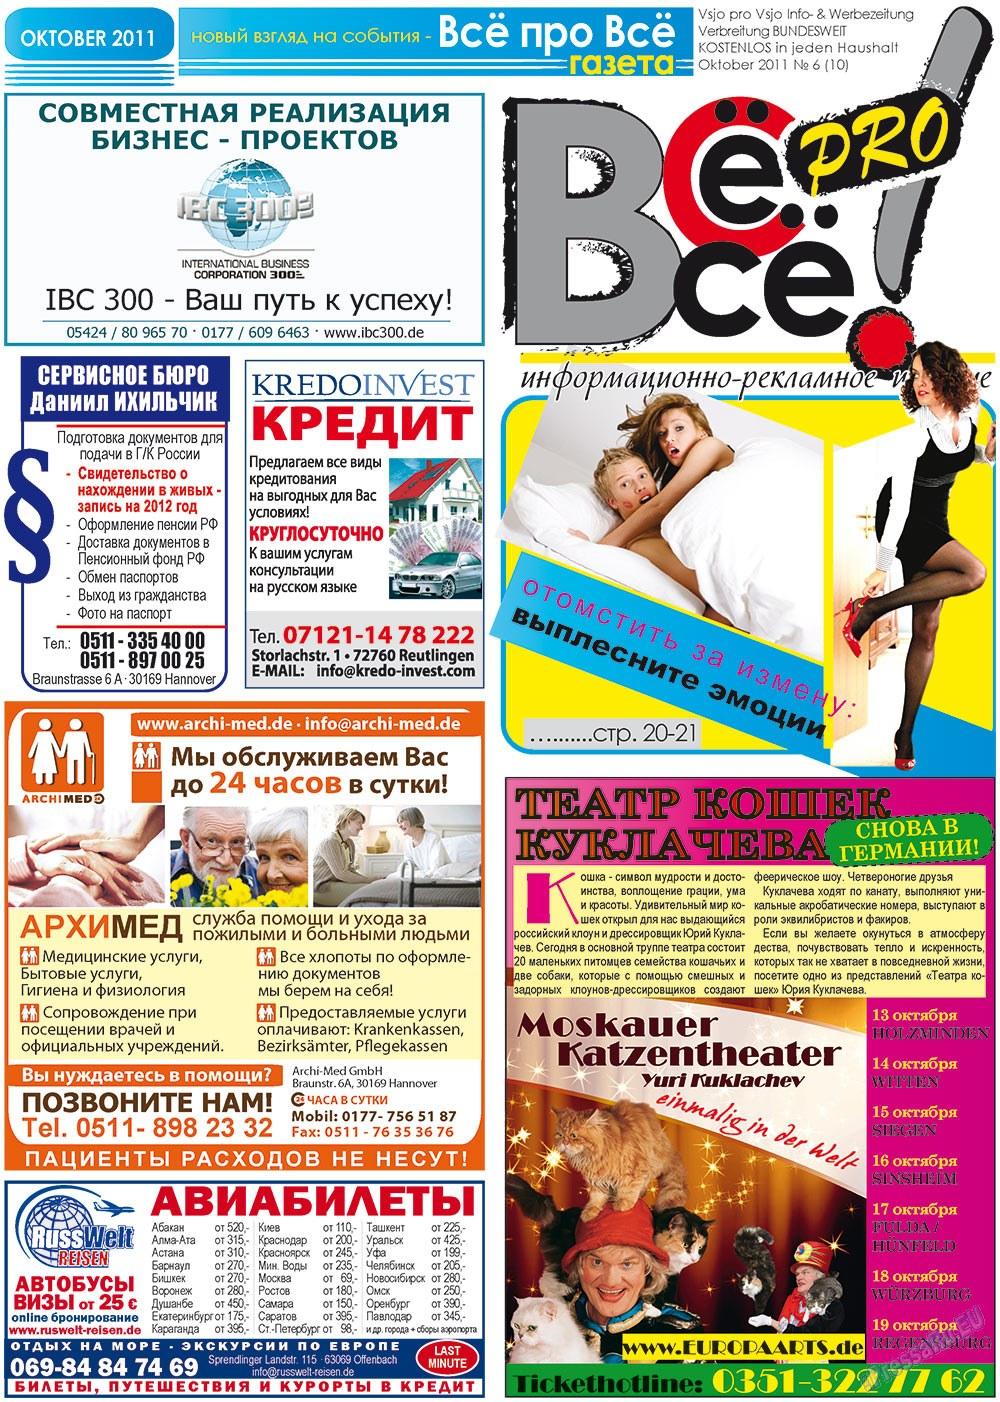 Все pro все (газета). 2011 год, номер 6, стр. 1